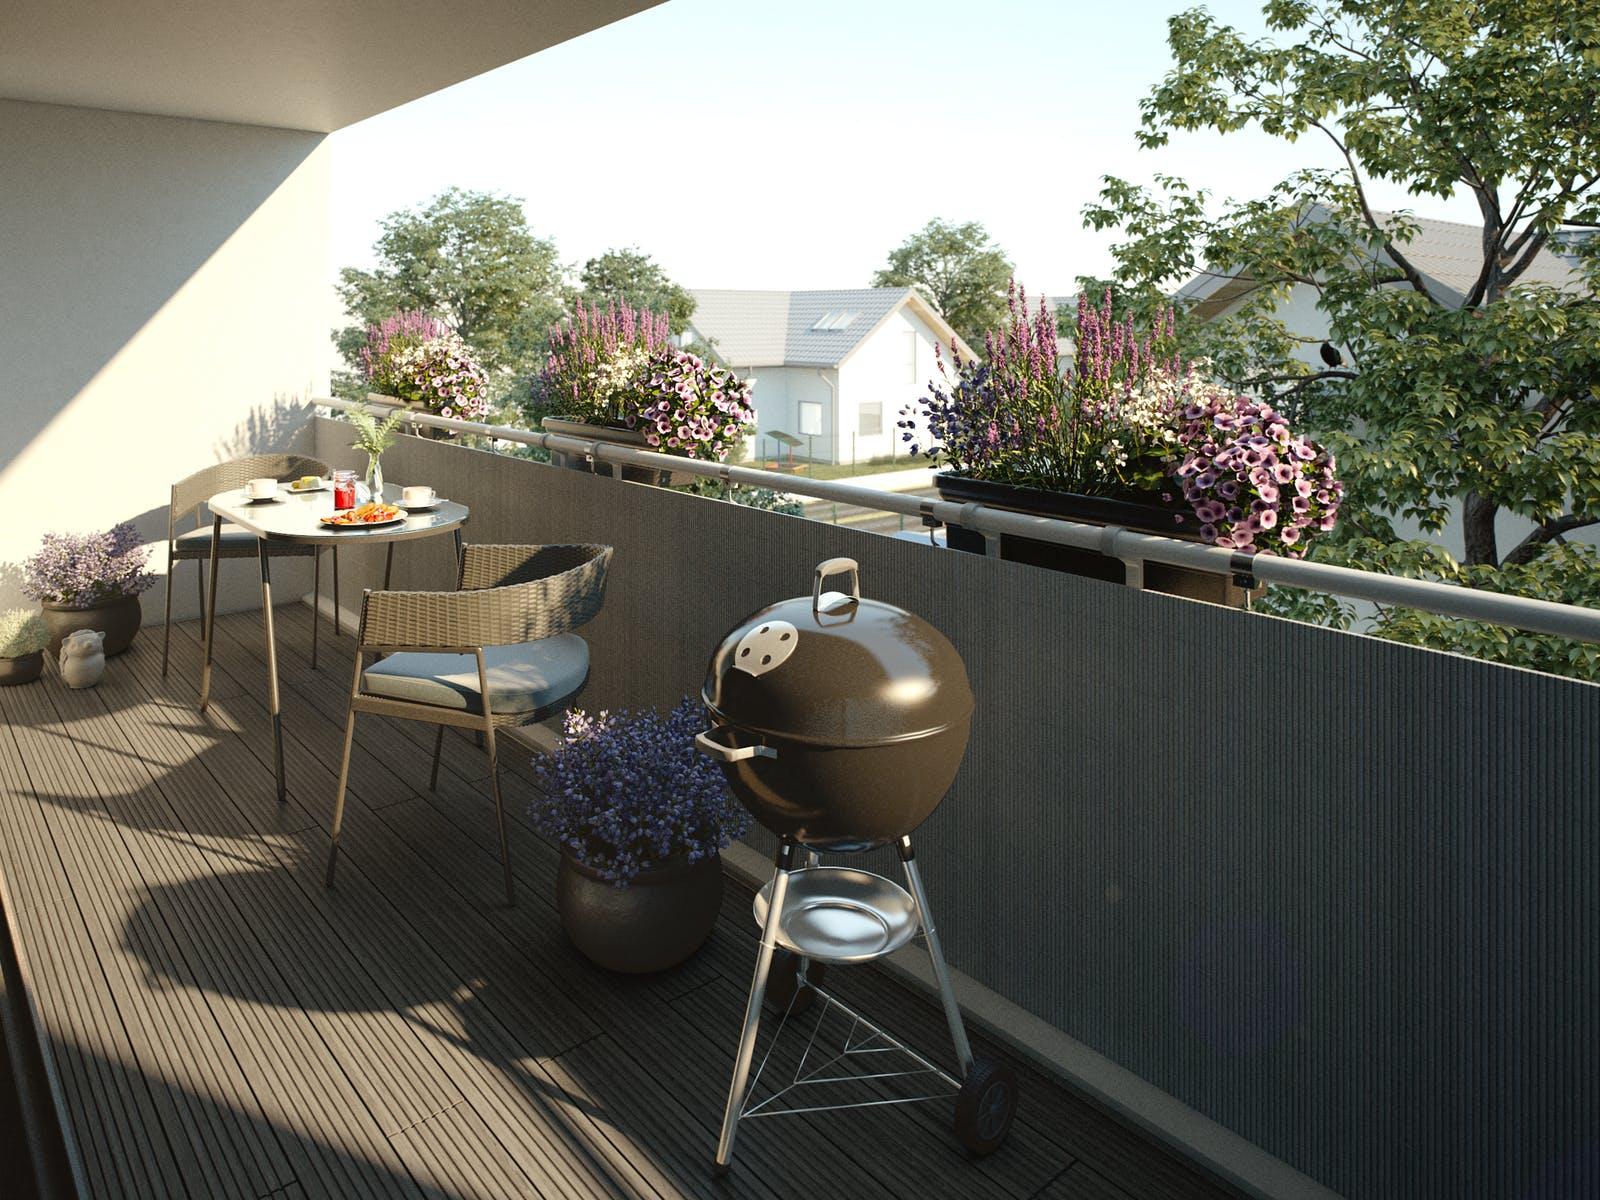 kleine terrasse gestalten kugelgrill